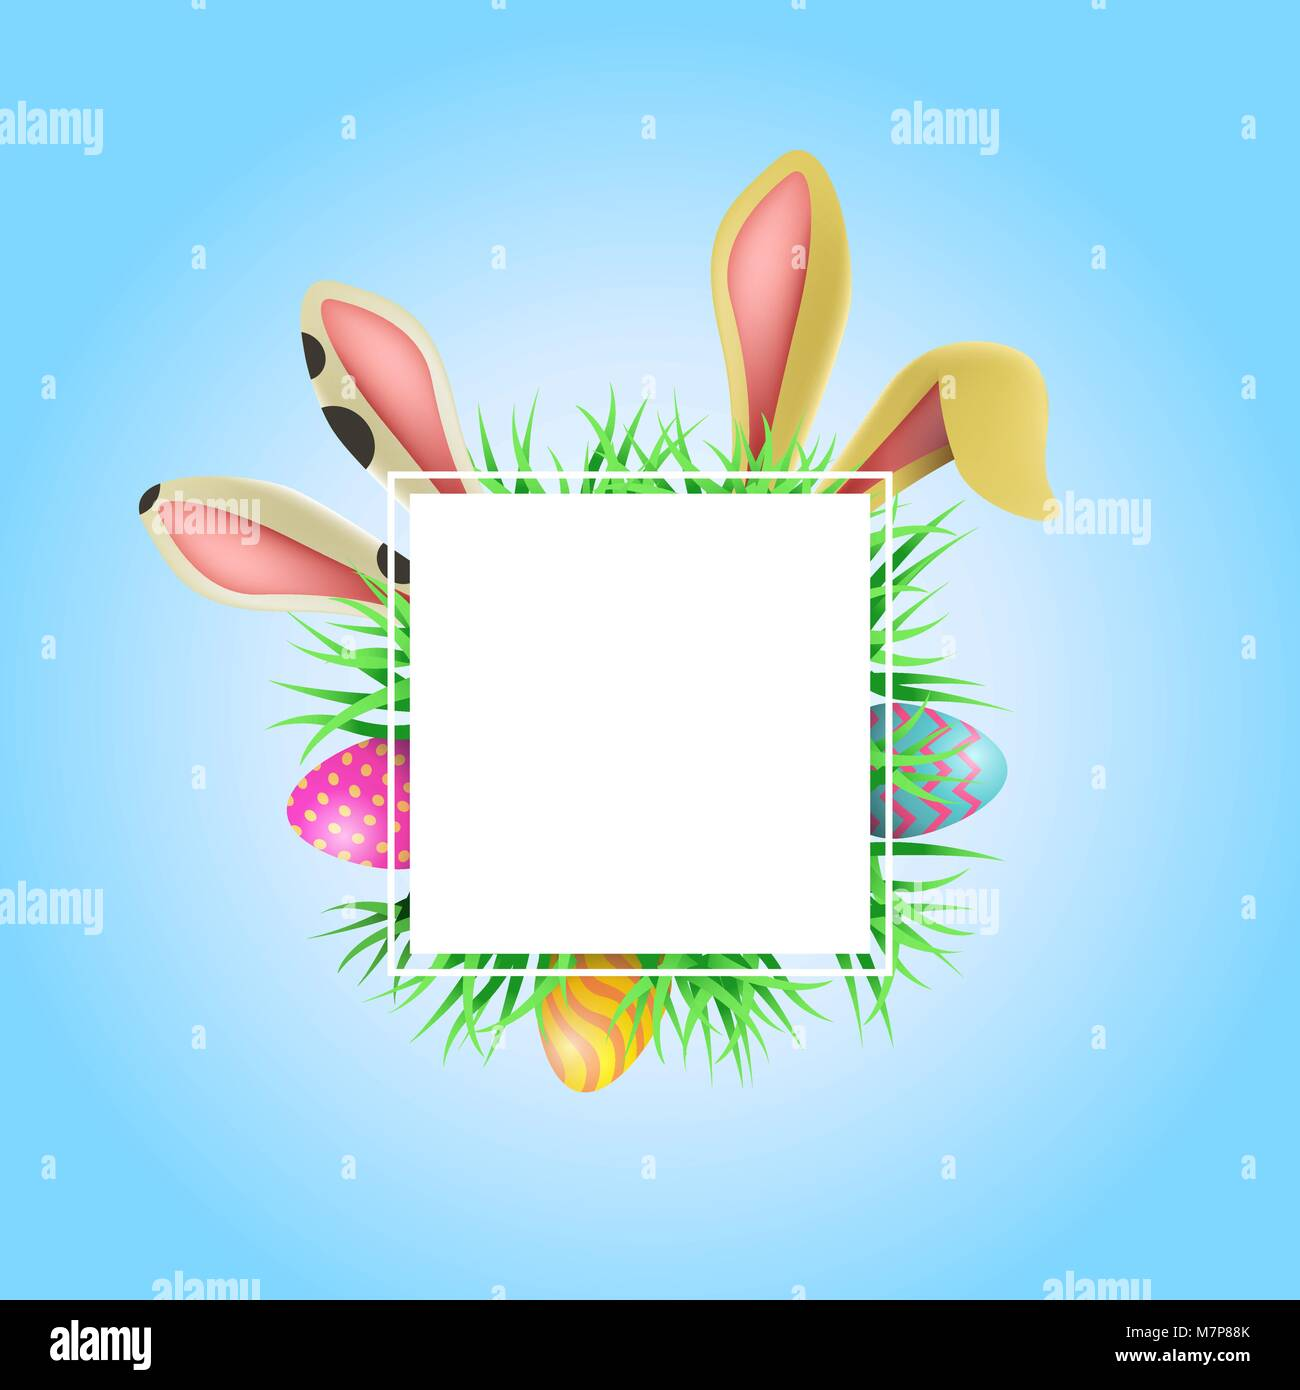 Frohe Ostern Urlaub Abbildung: Vorlage. Leeren Rahmen mit Kopieren ...